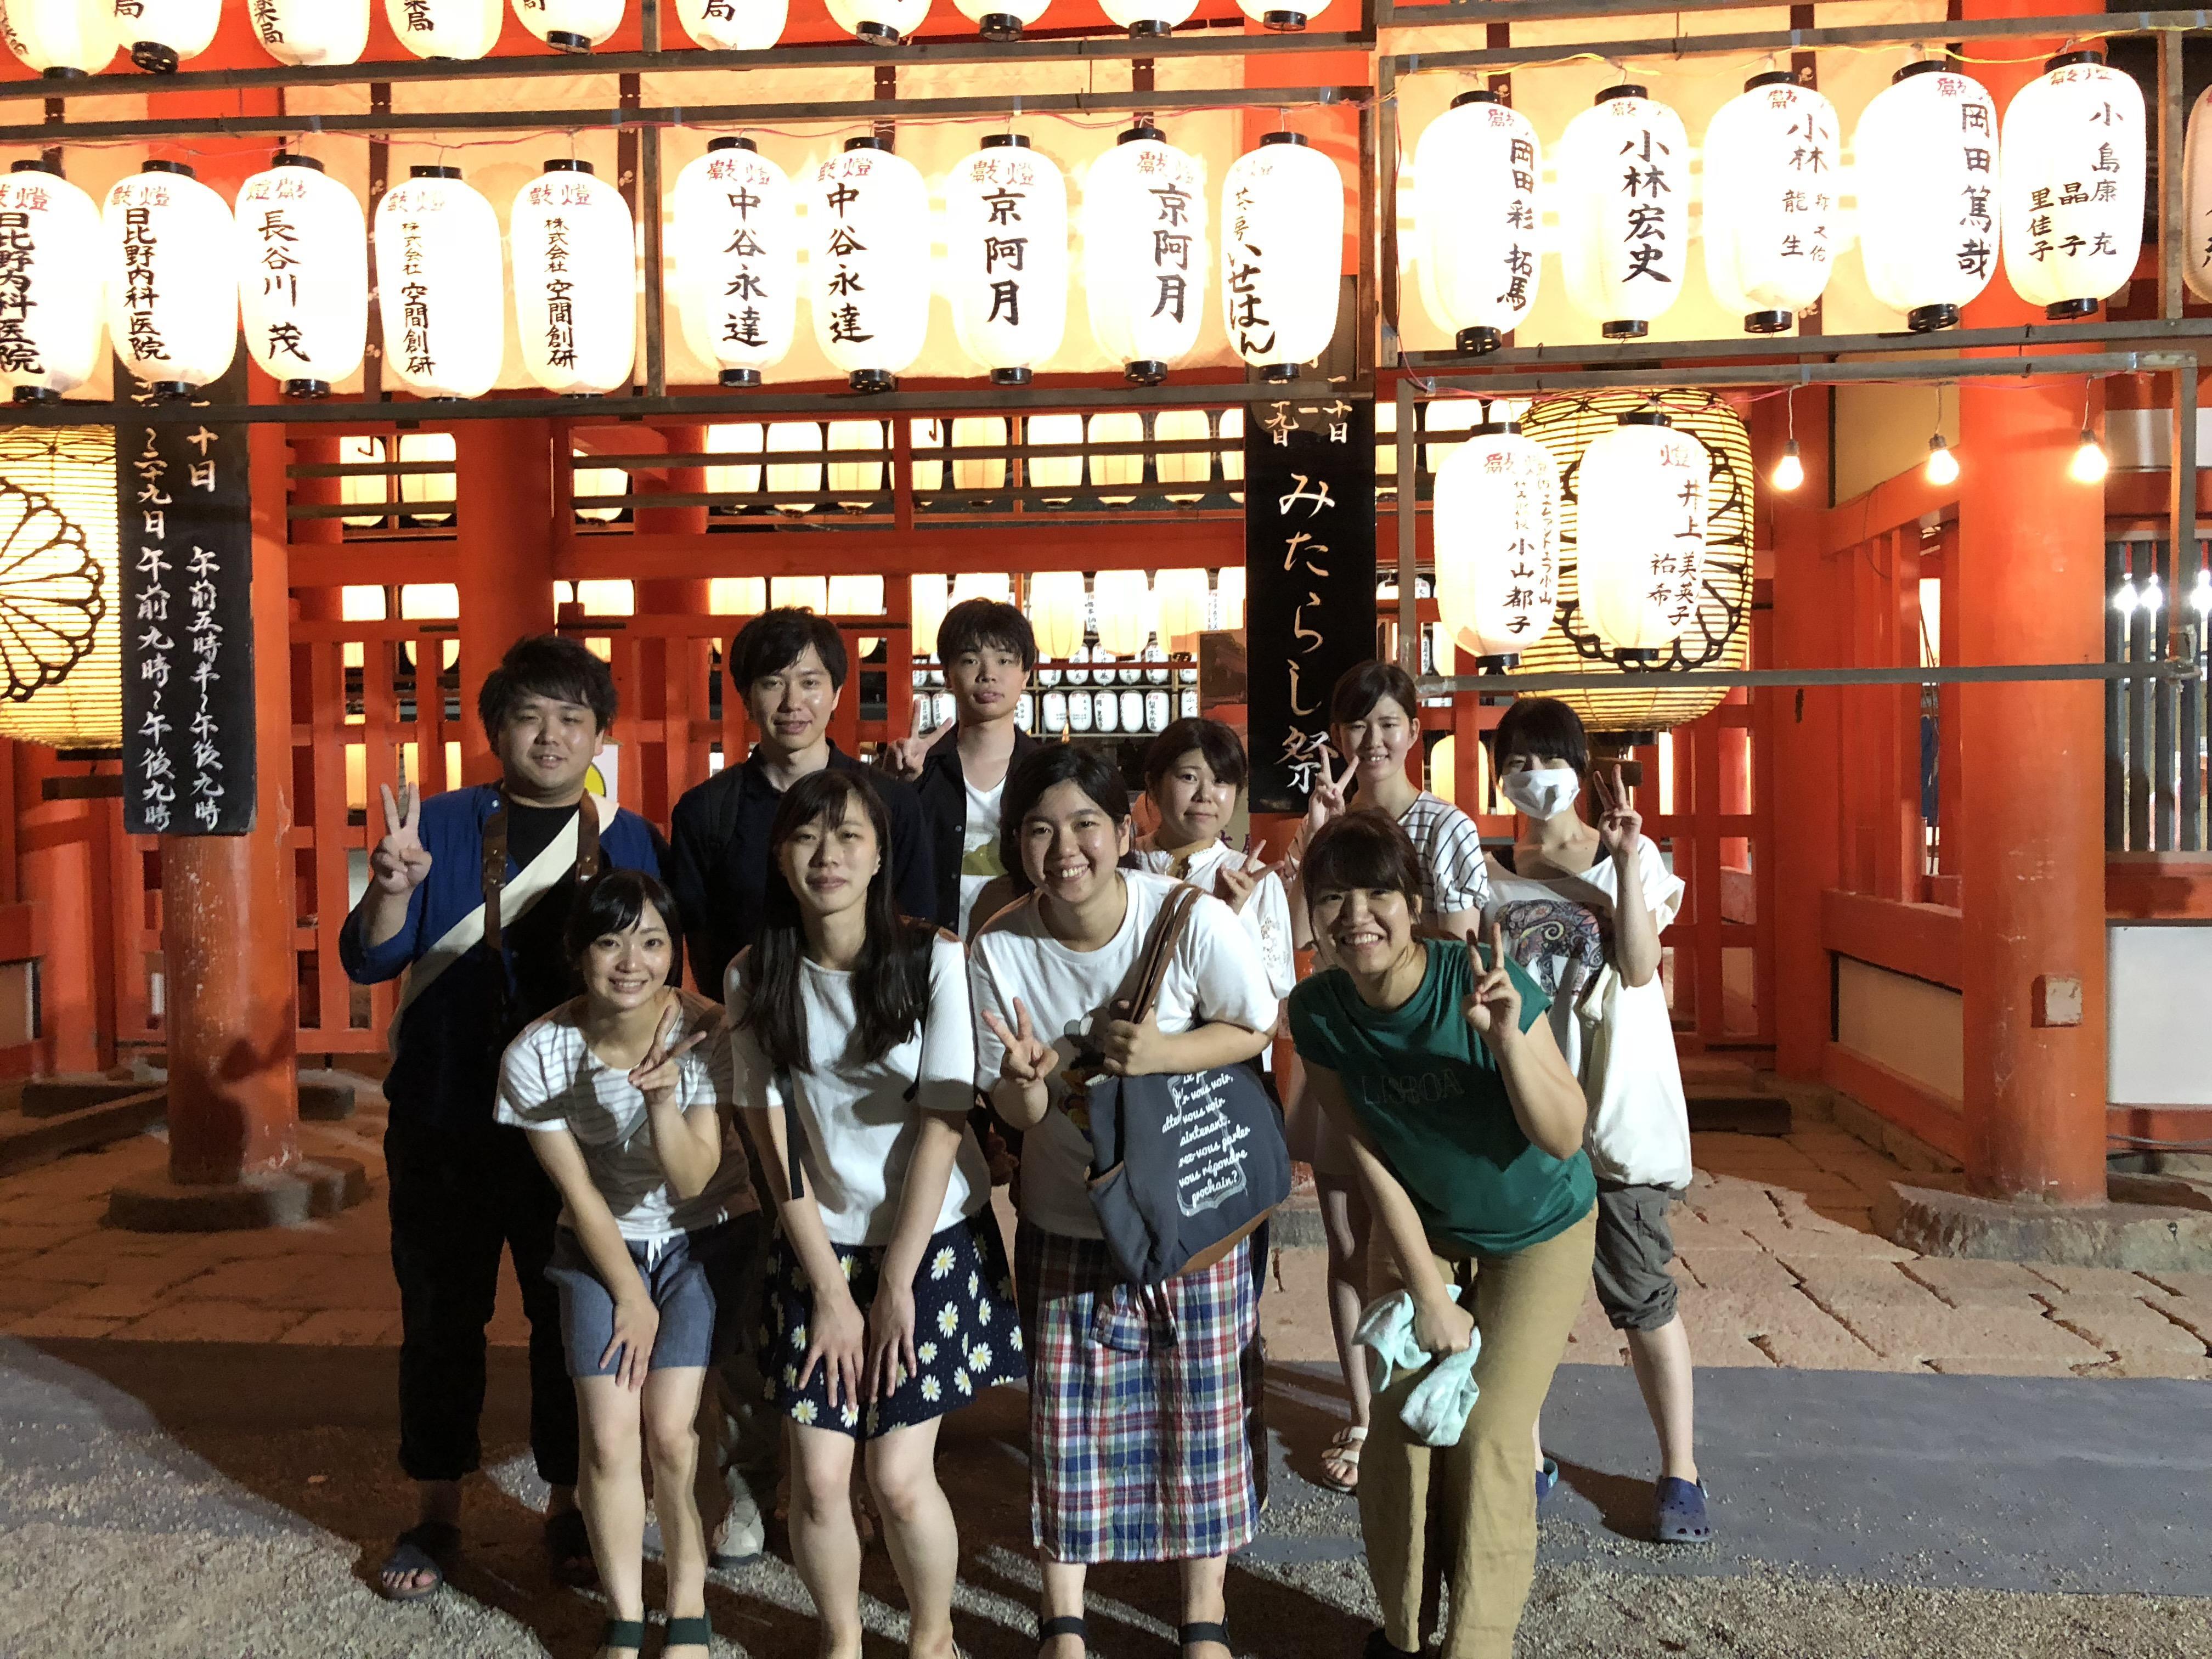 近くには下鴨神社があり、みんなでお祭りに行くことも(楽)